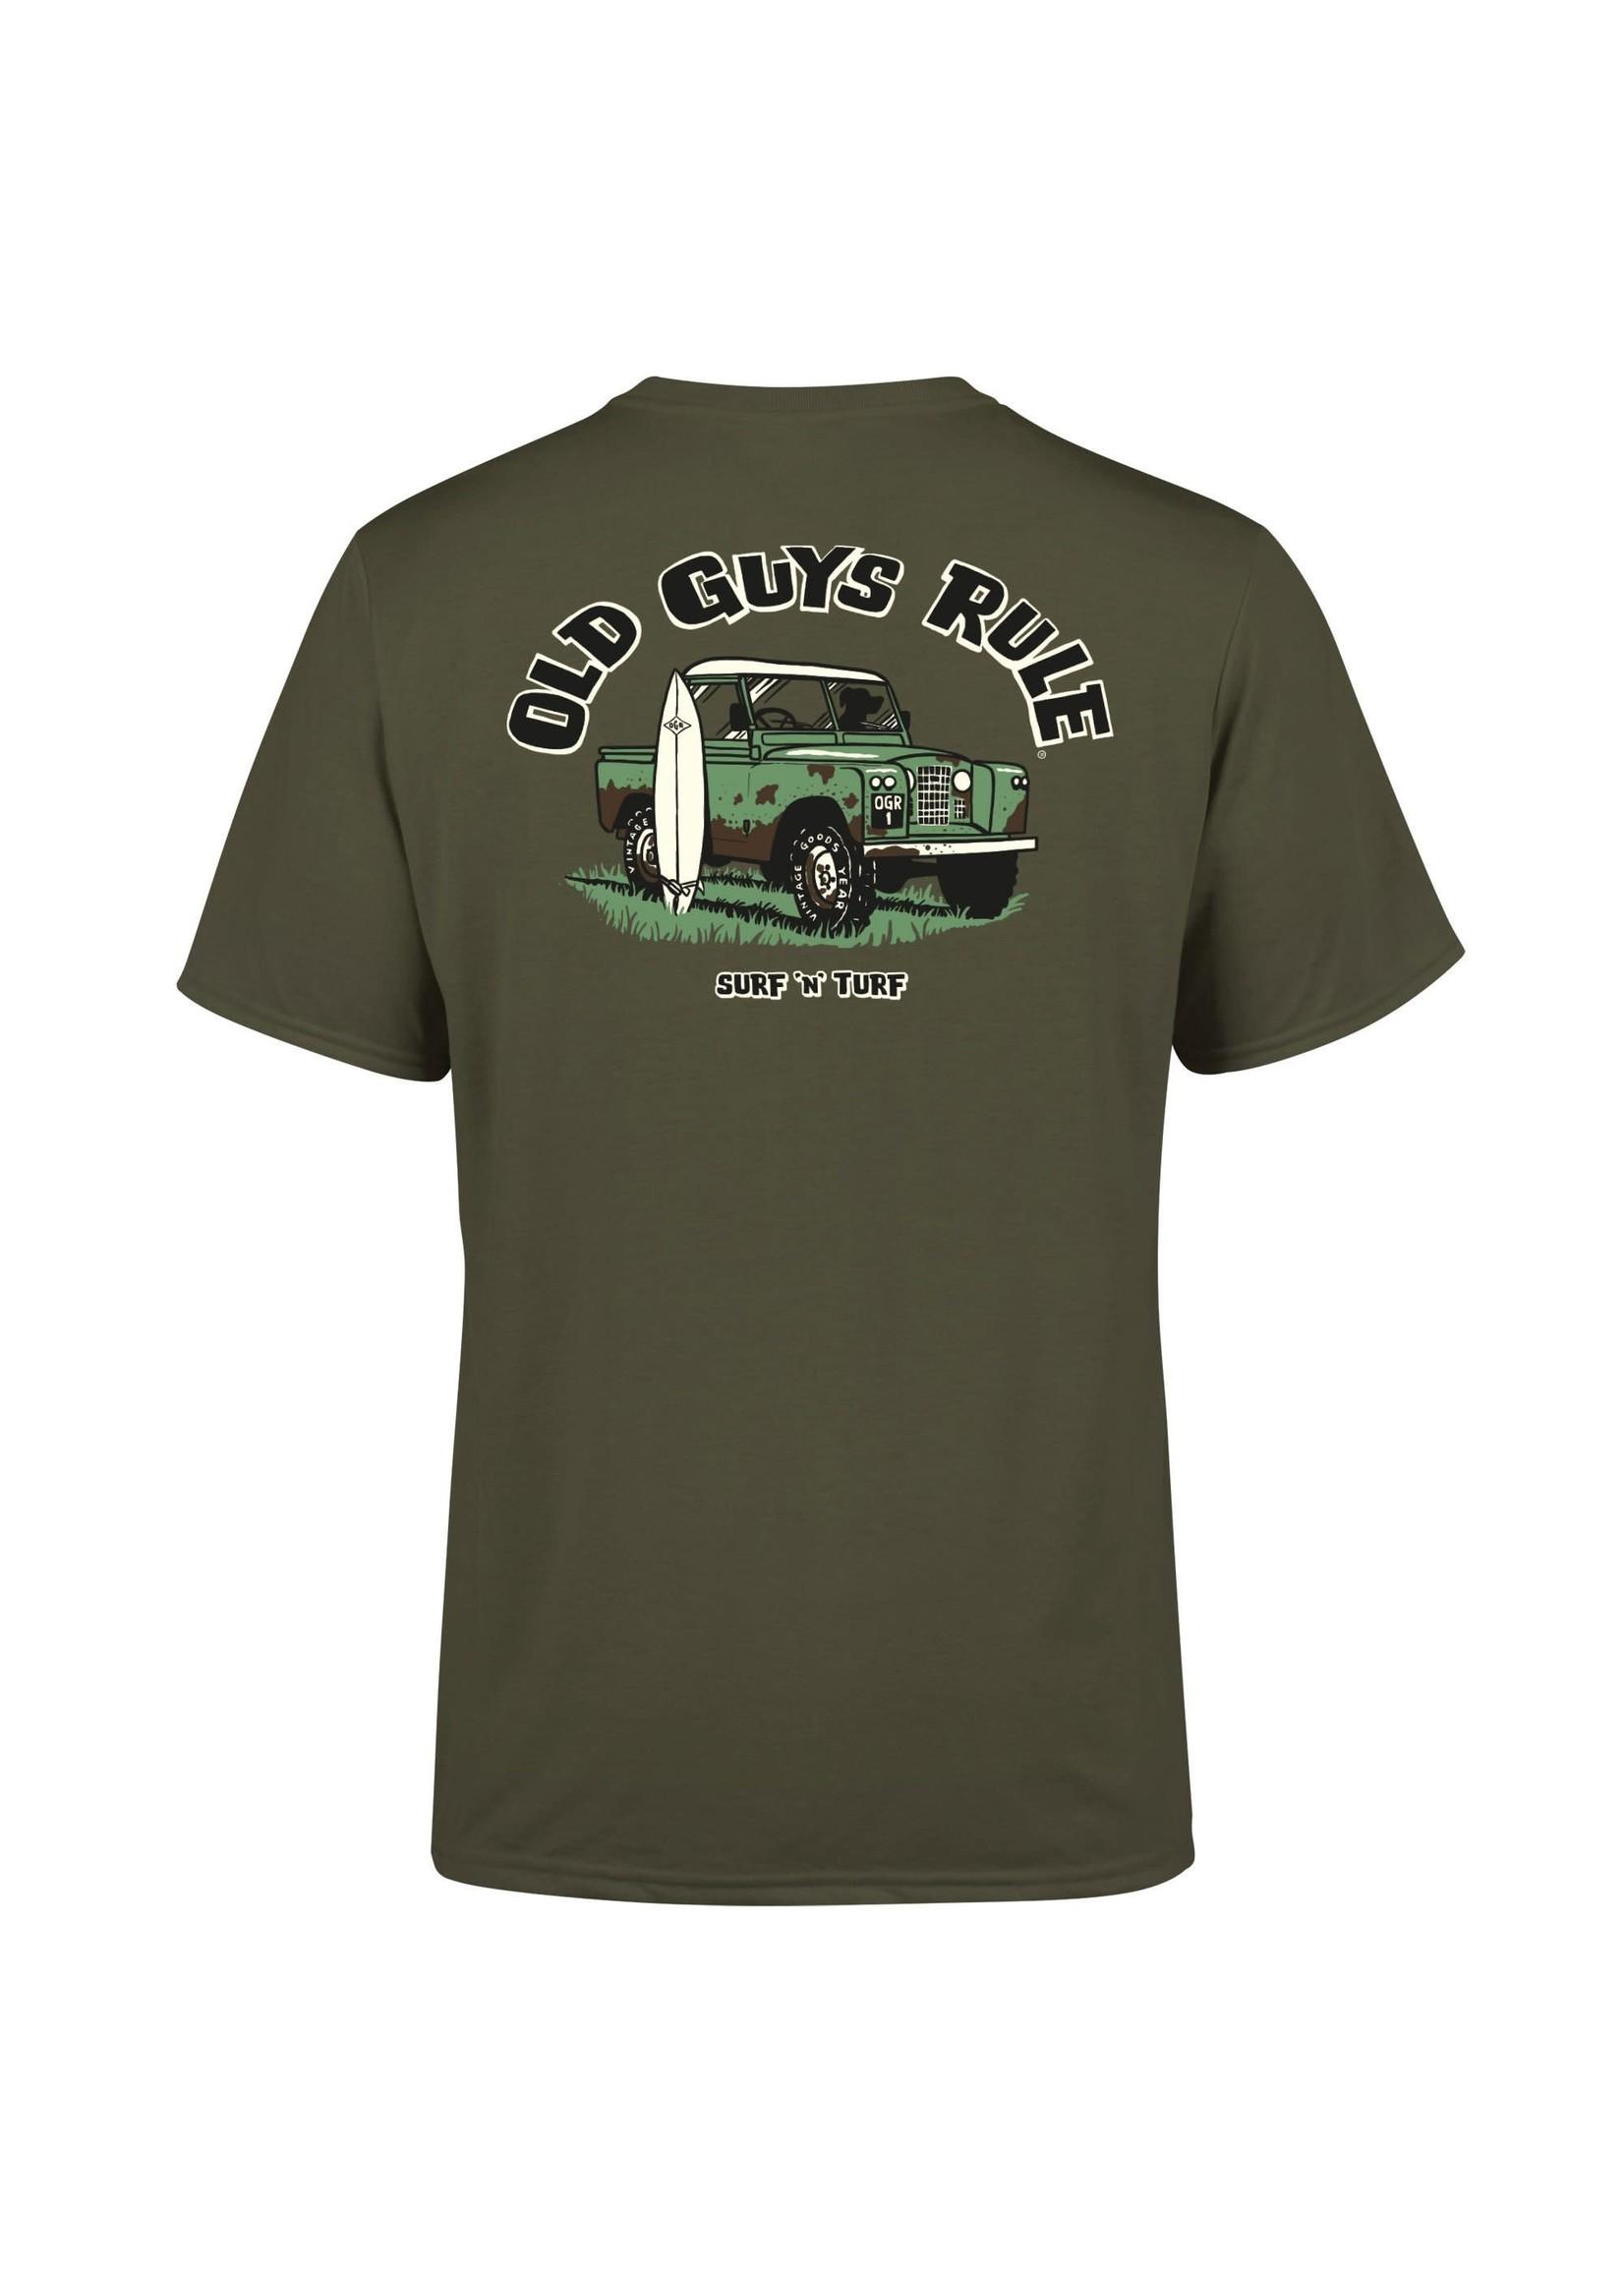 Old Guys Rule Old Guys Rule T-Shirt - Surf n'Turf